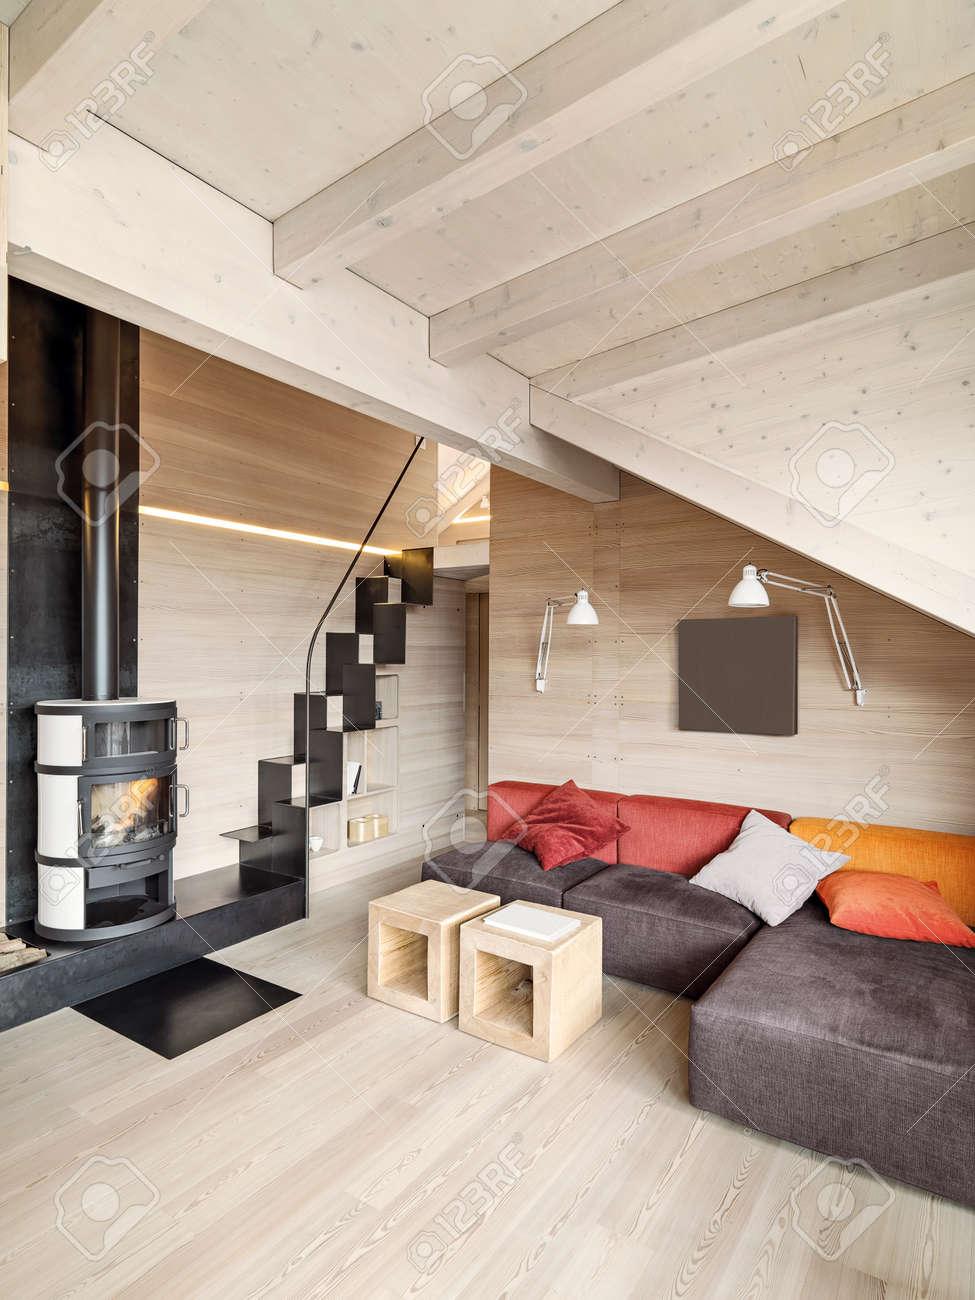 Innenansicht Des Rustikalen Wohnzimmer Mit Kamin Holzboden Und Holzdecke Lizenzfreie Bilder